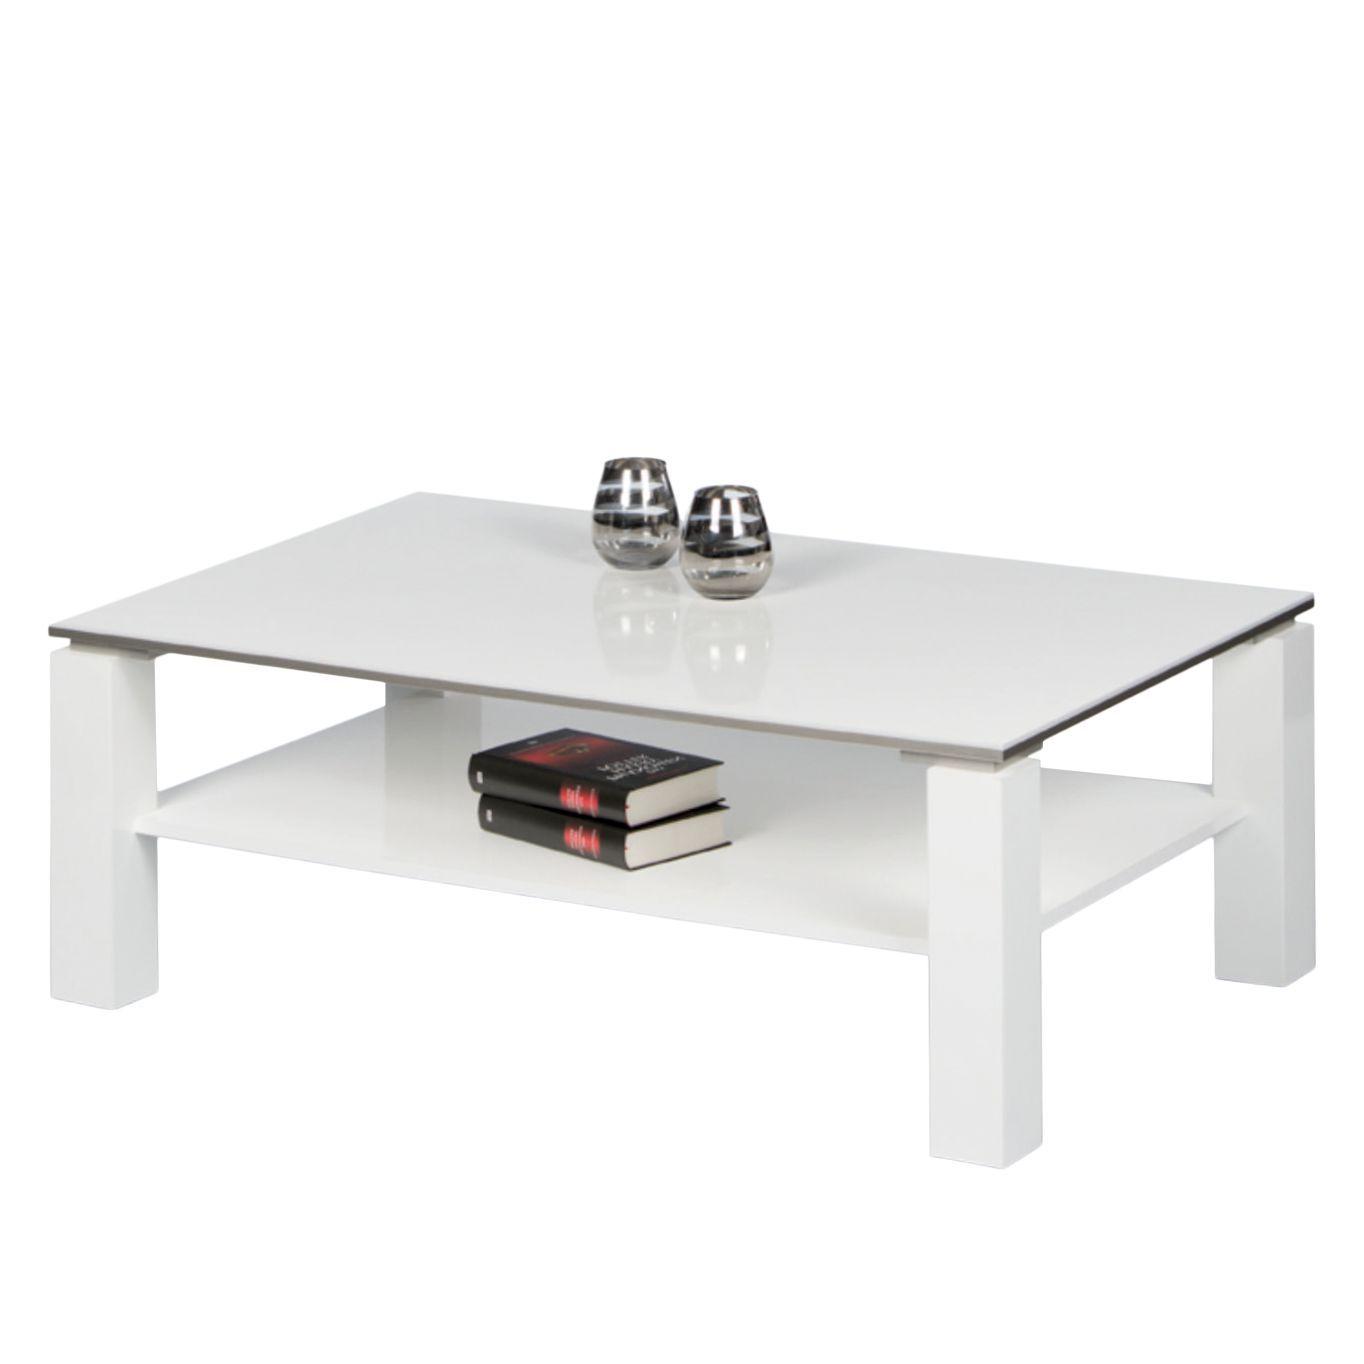 Pin By Ladendirekt On Tische Decor Home Decor Furniture